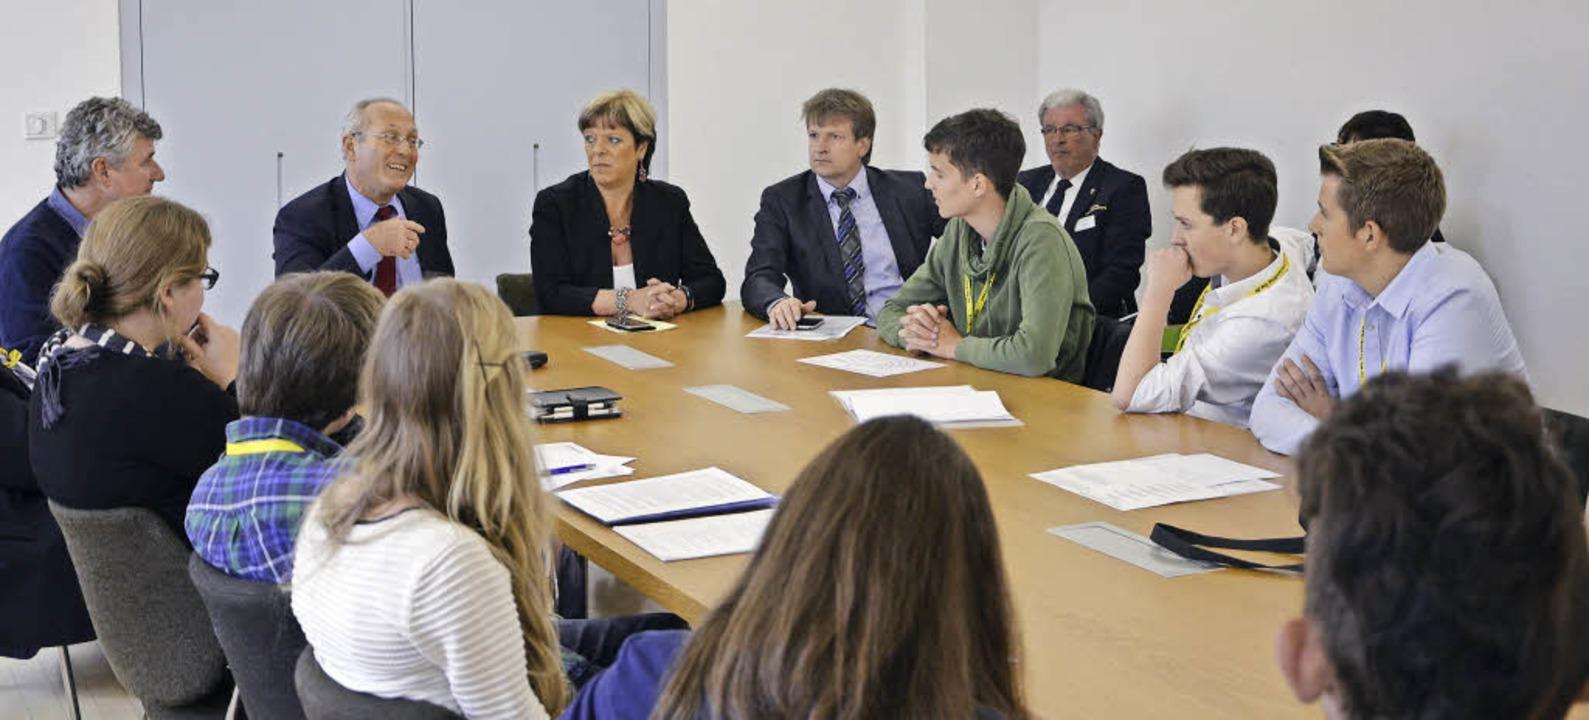 Der Rat der Jugend im Gespräch mit dem...r Landtagsabgeordneten Sabine Wölfle).  | Foto: Fotos: Antonia Bues